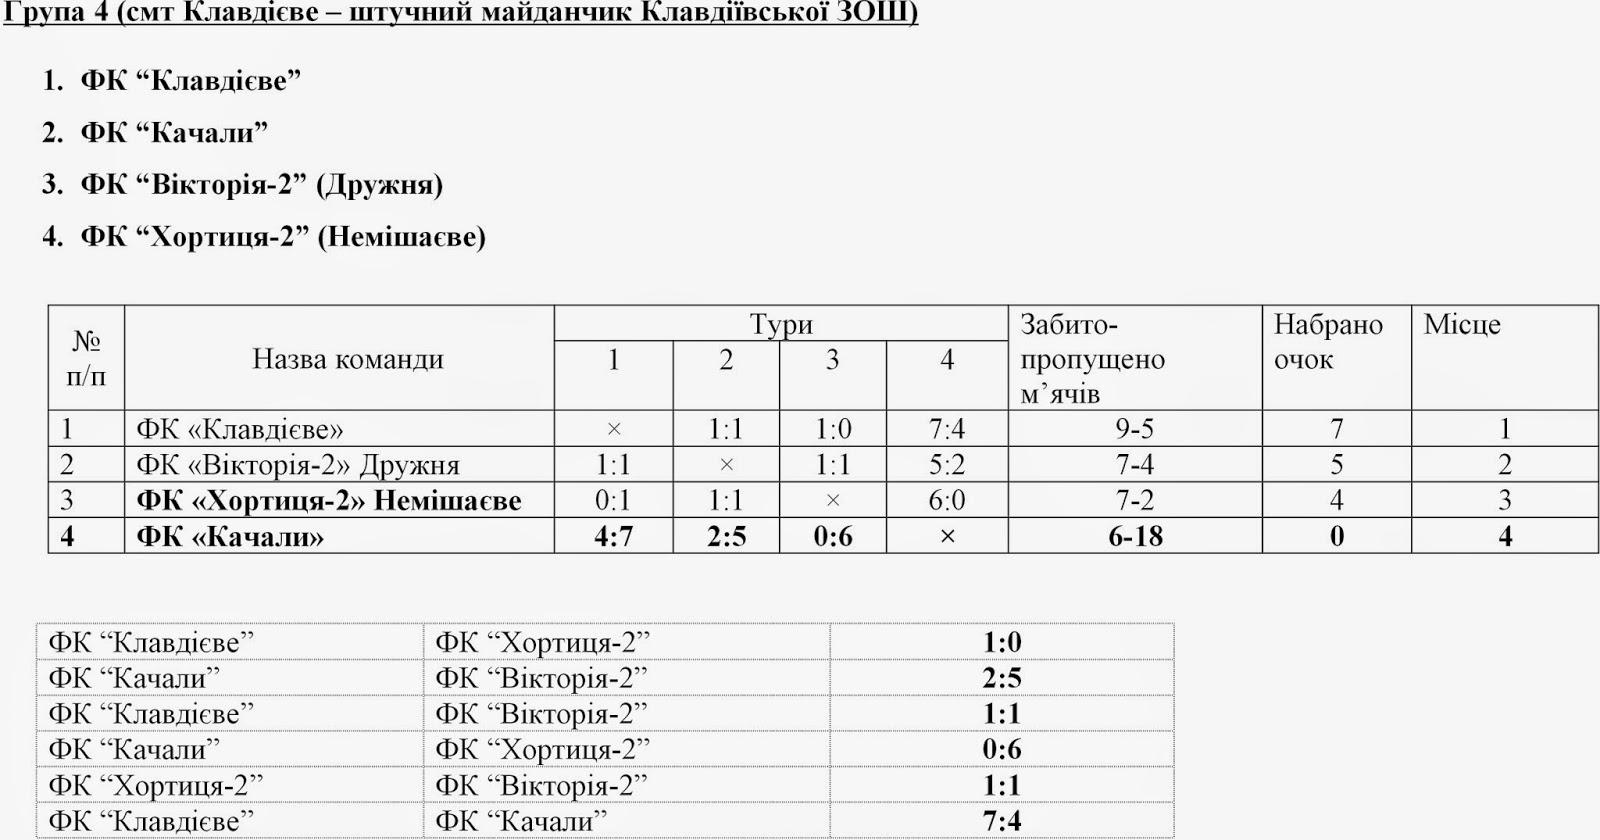 Результати%2Bігор%2Bтурнір%2BГончаренків%2B2014в.jpg